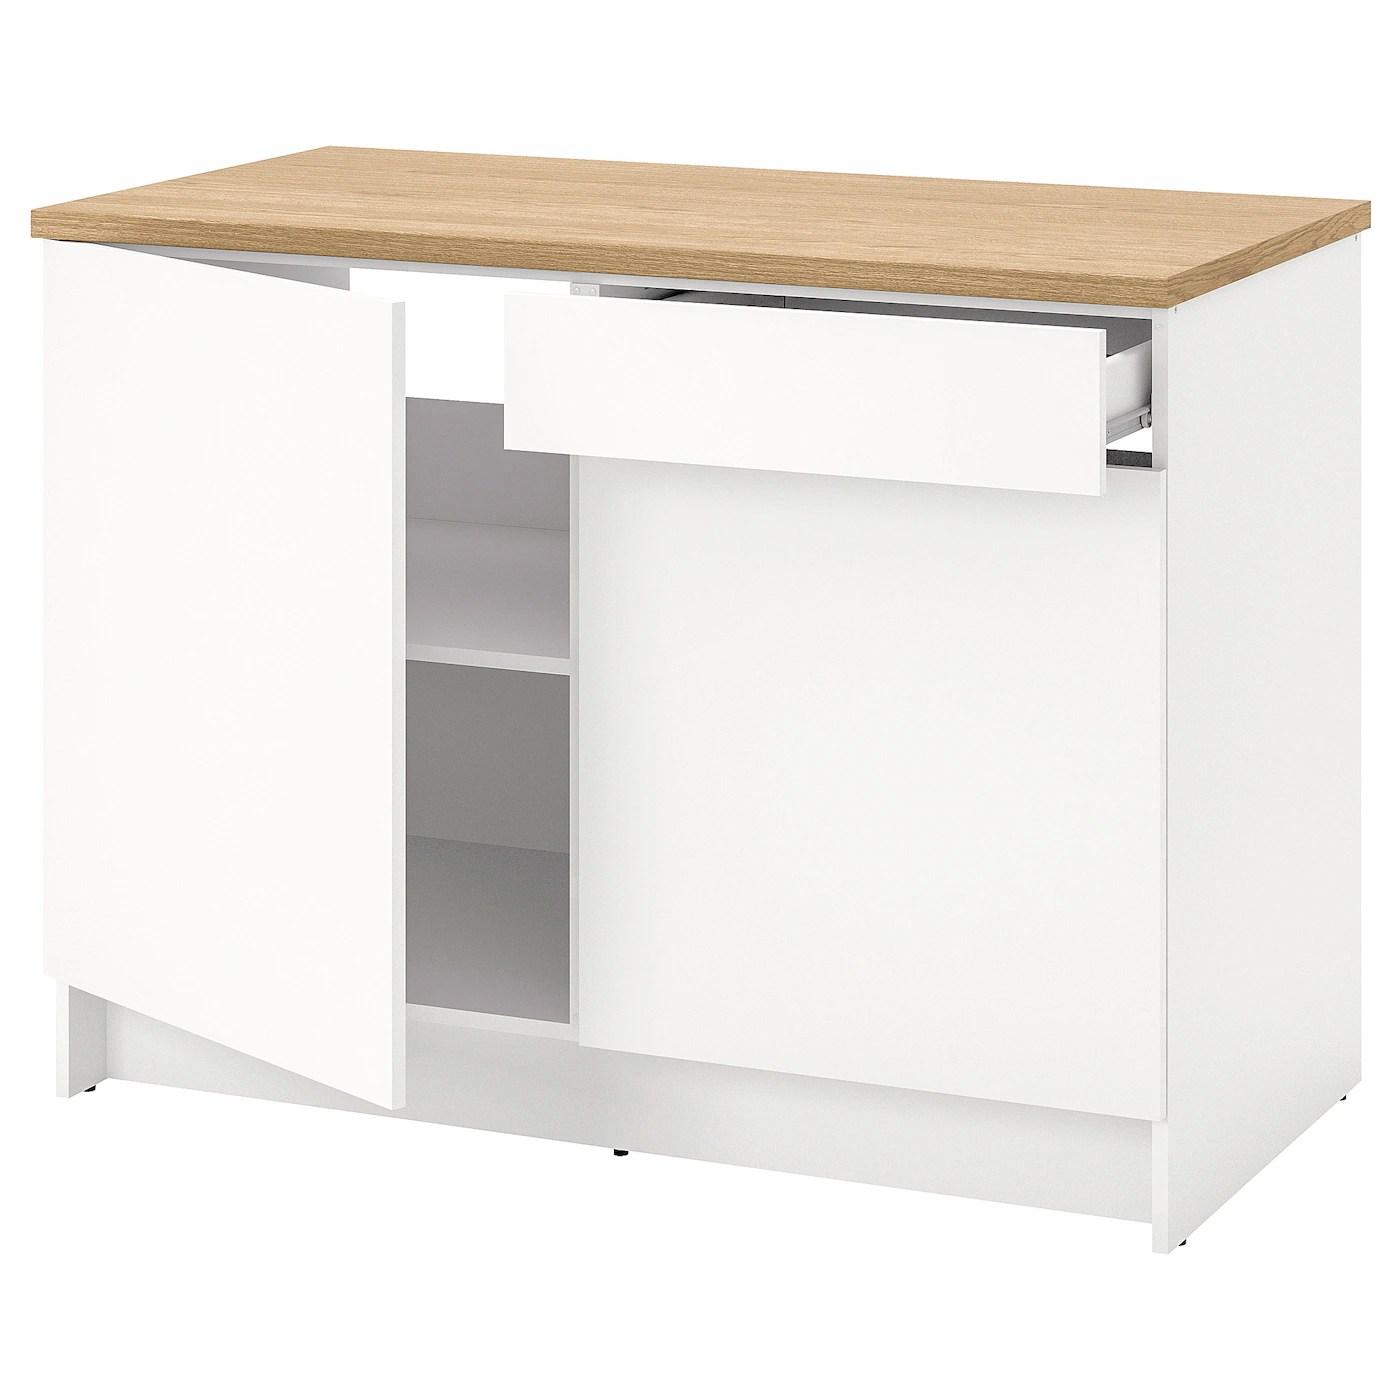 Mobili da cucina al miglior prezzo. Cucine E Mobili Per Cucina Ikea It